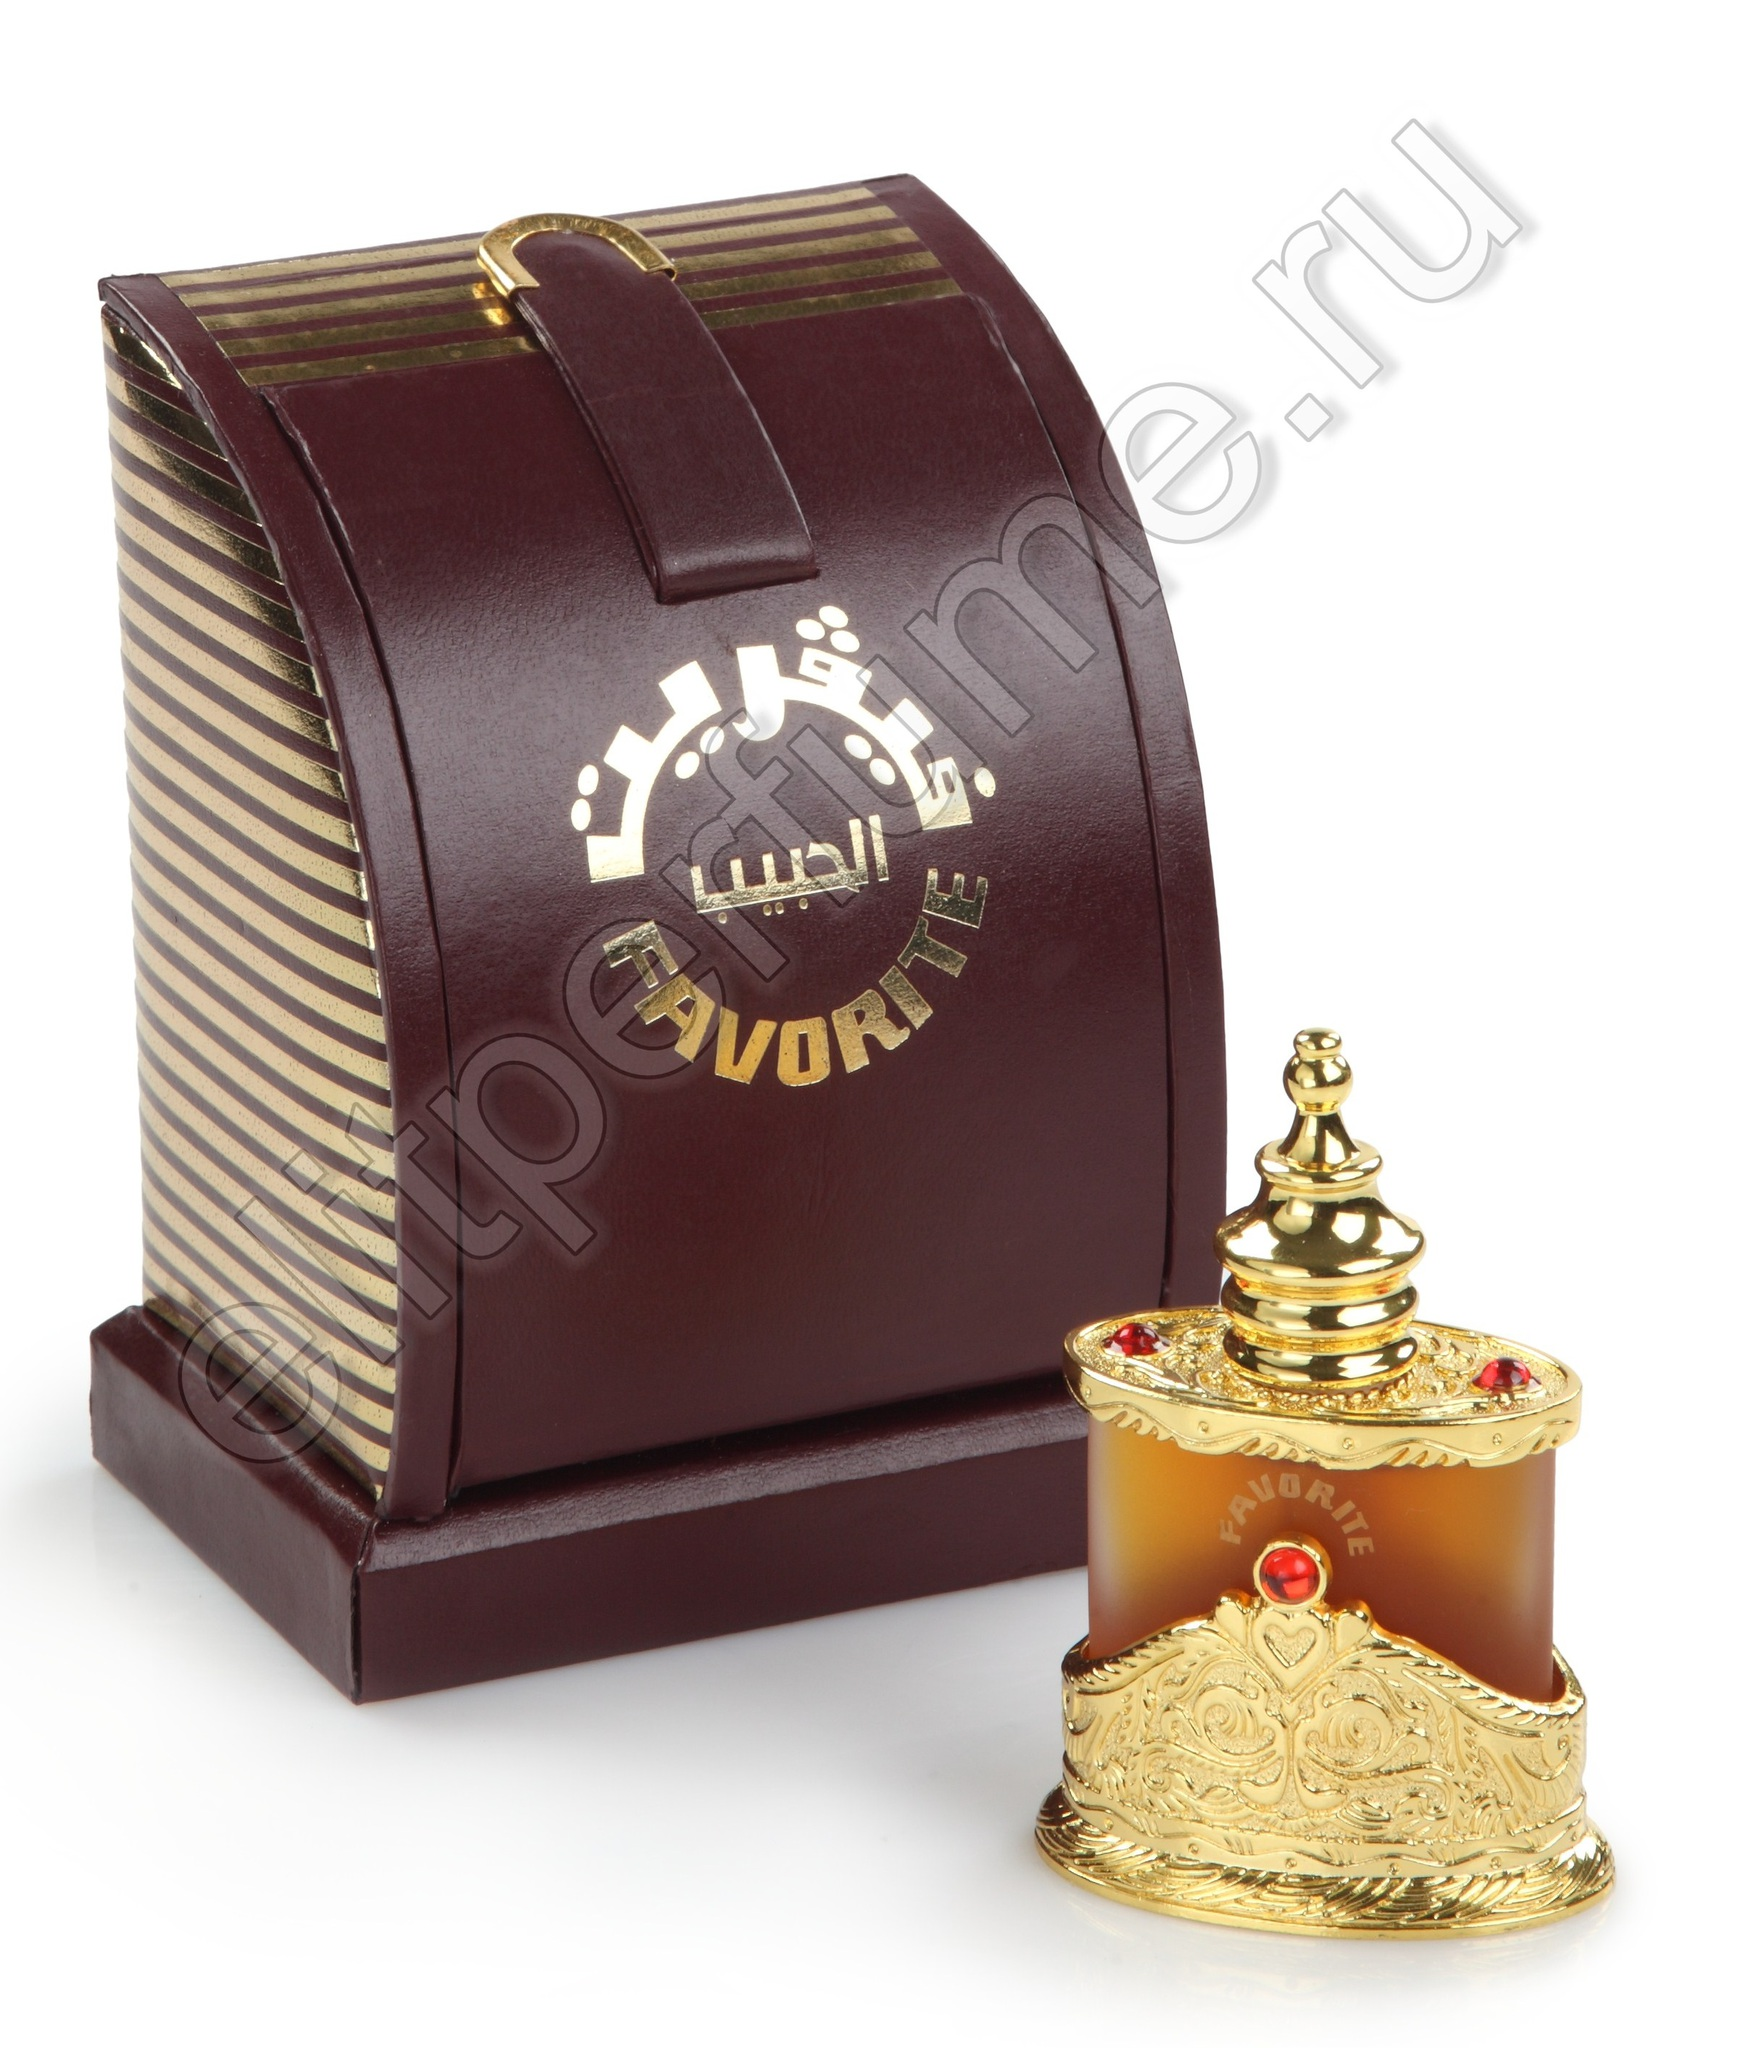 Пробники для духов Фаворит Favorite 1 мл арабские масляные духи от Аль Харамайн Al Haramin Perfumes